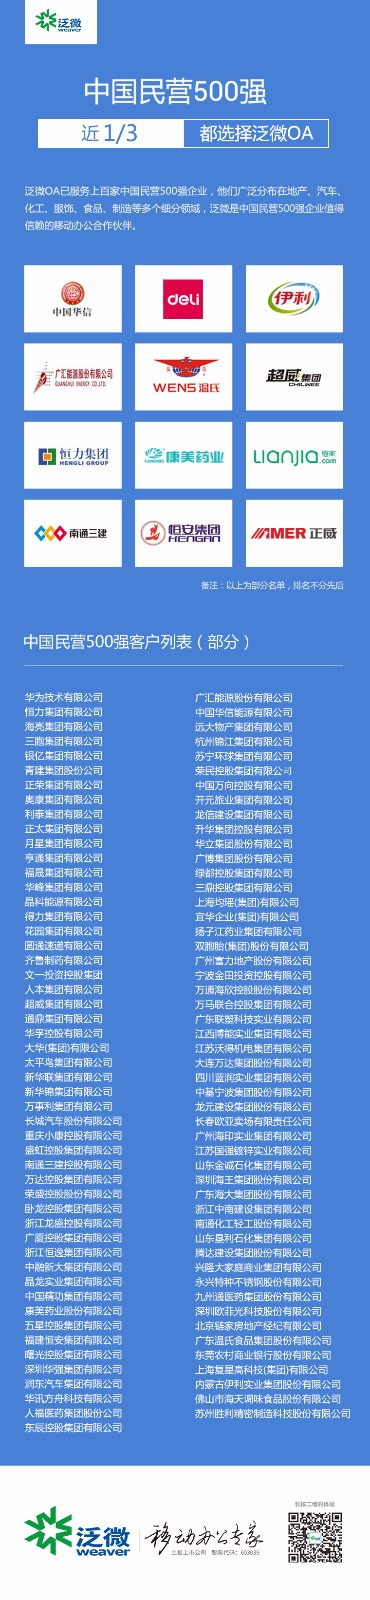 中国民营500强.jpg